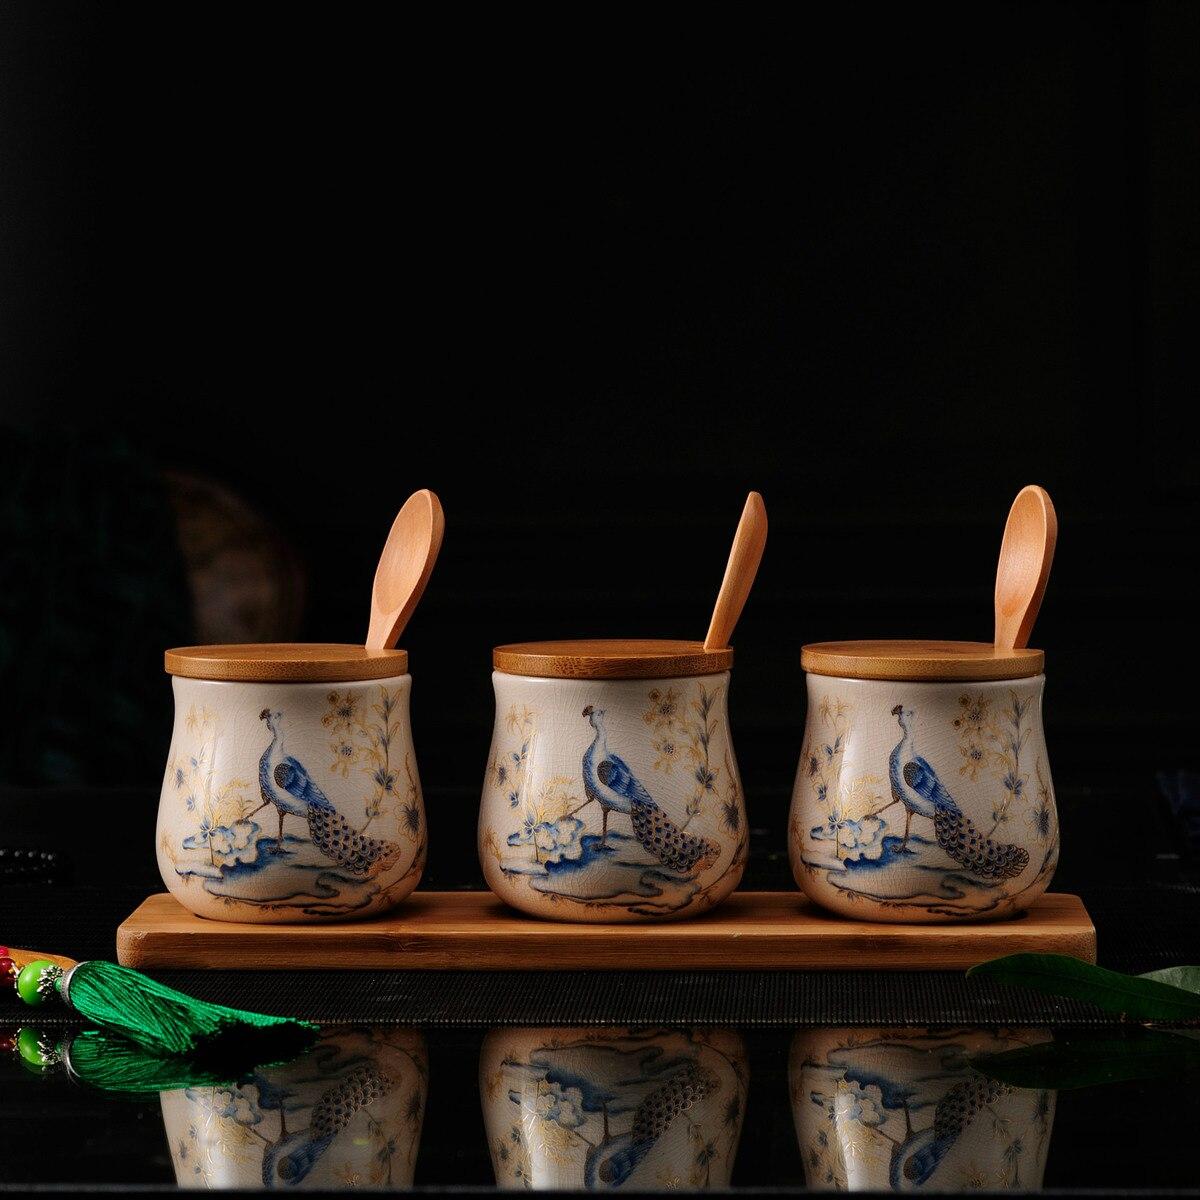 Houmaid nouveauté cuisine créative pots de rangement en céramique pour sel d'épices ensemble avec bambou Rack assaisonnement bouteilles de stockage 3 pièces